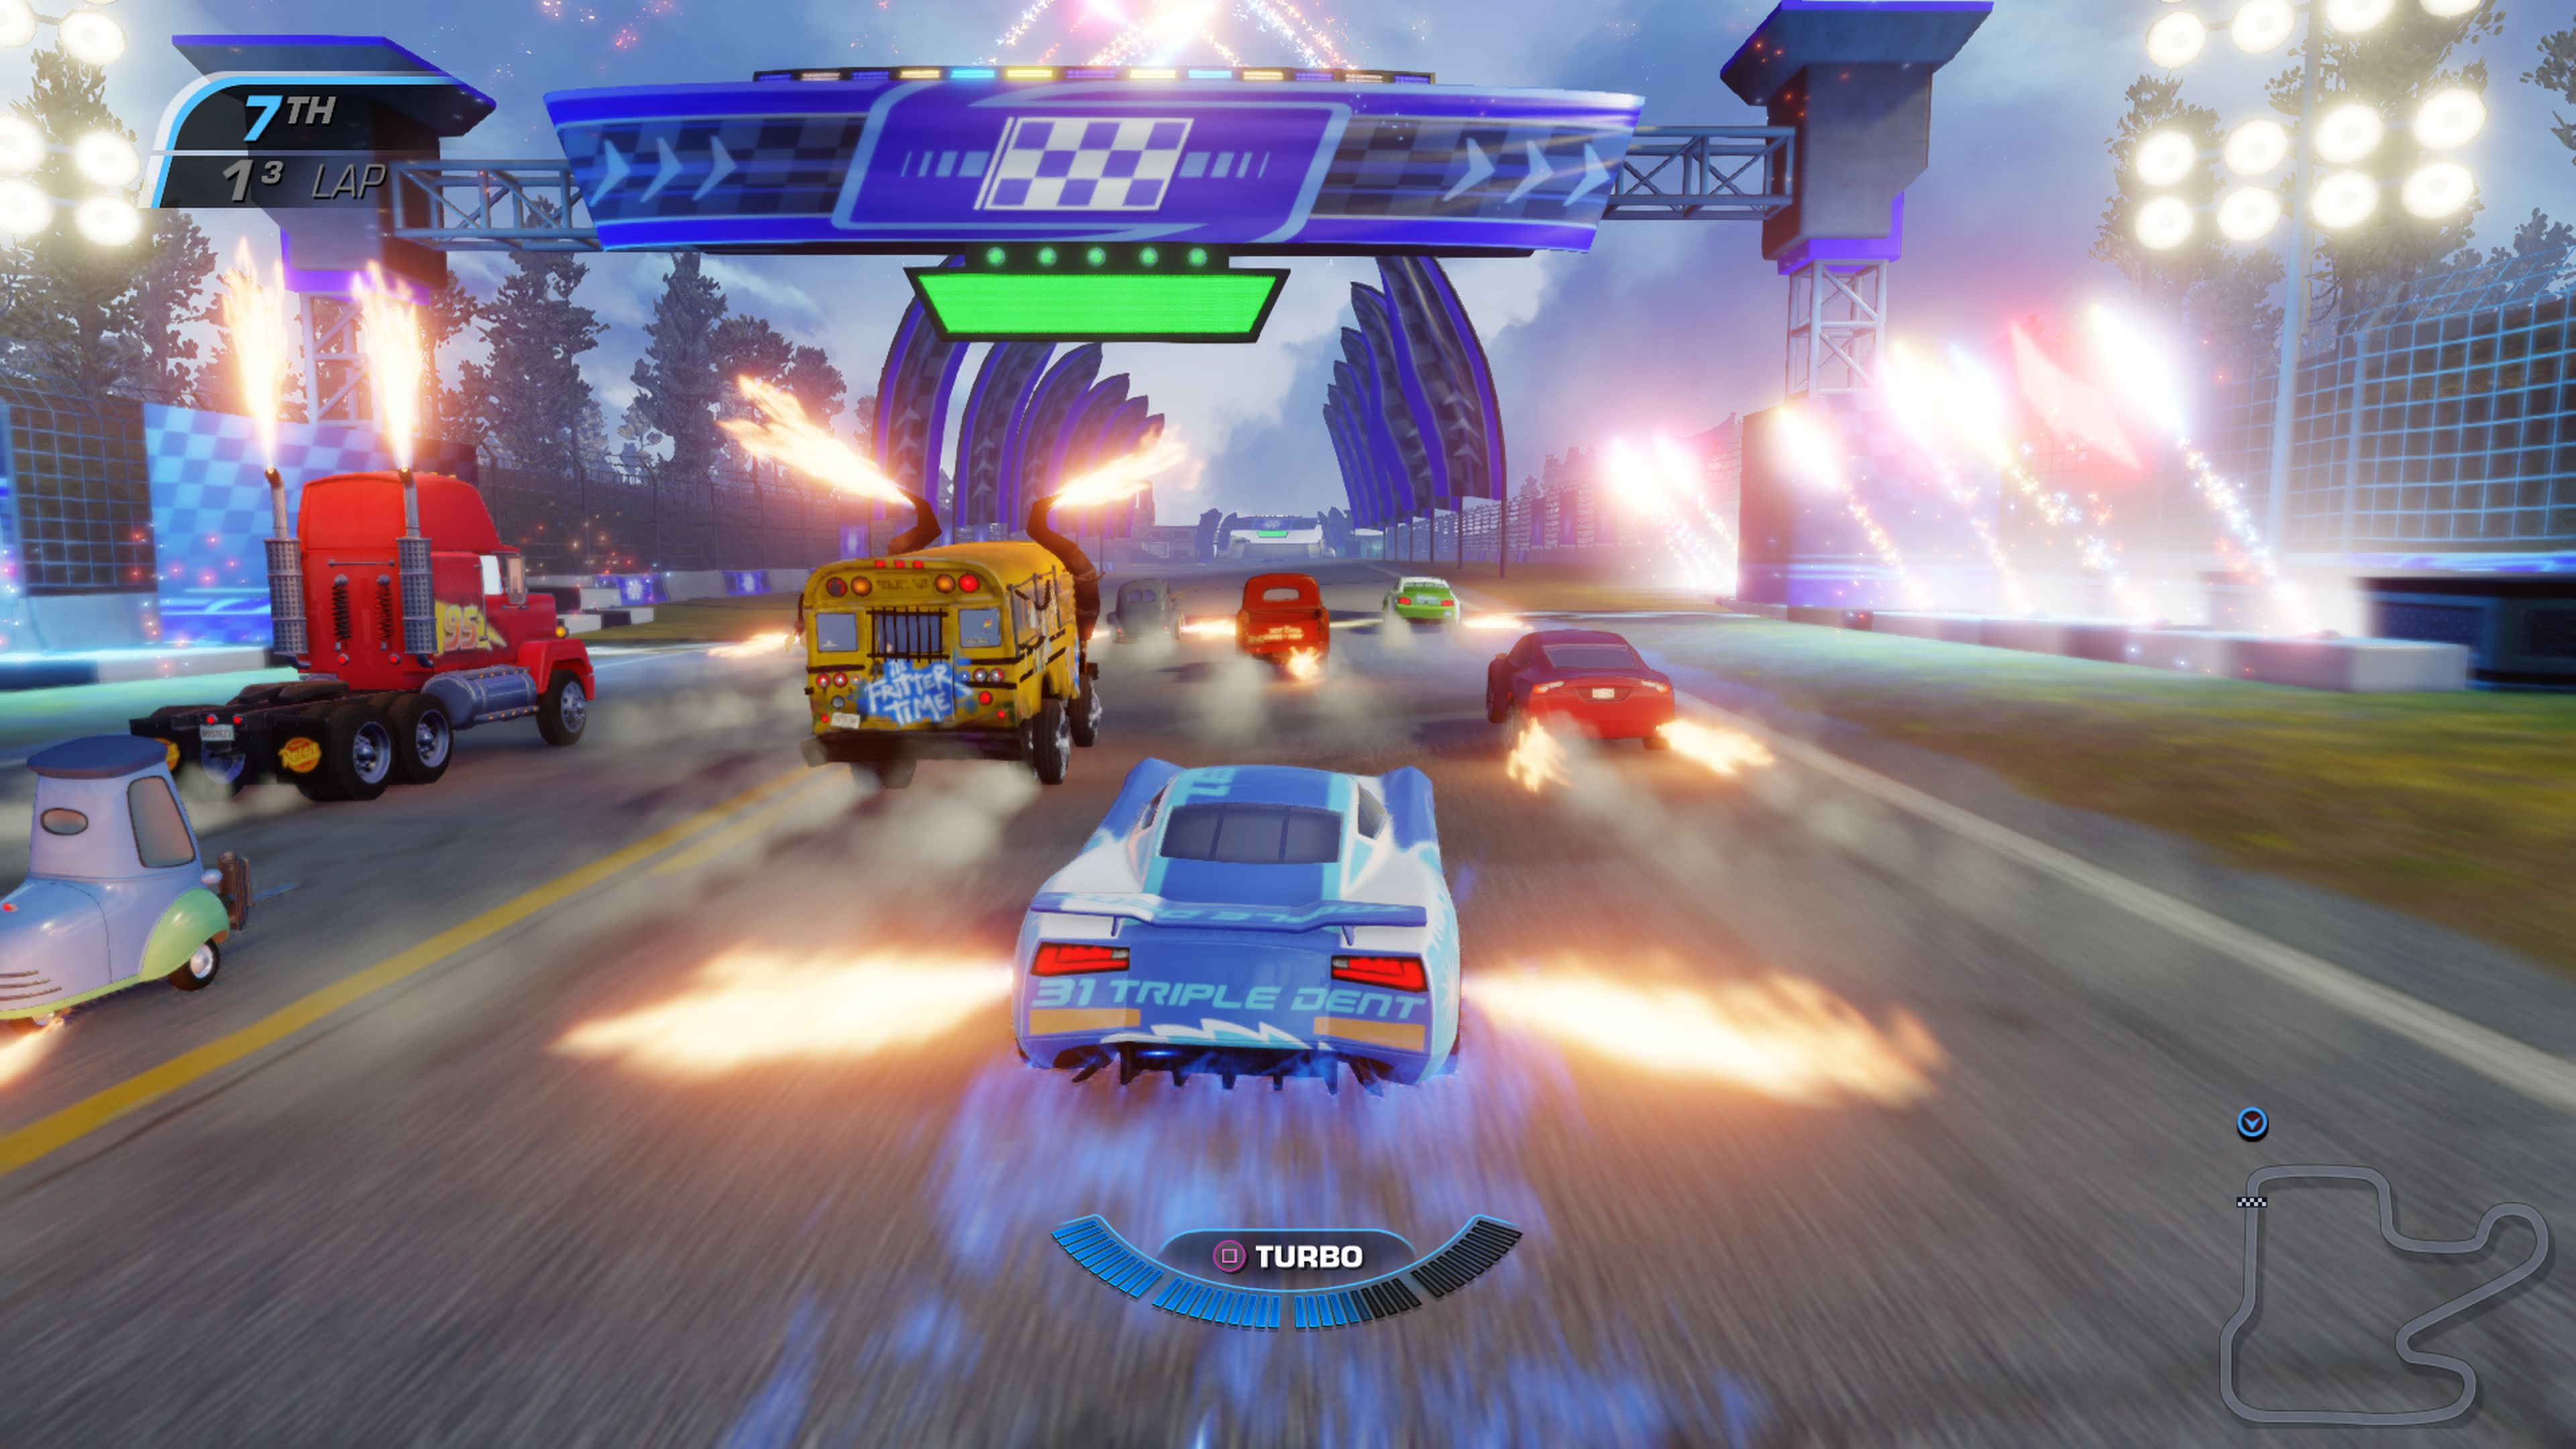 Cars 3: Driven to Win – hravé, přesto brutální závody 147183